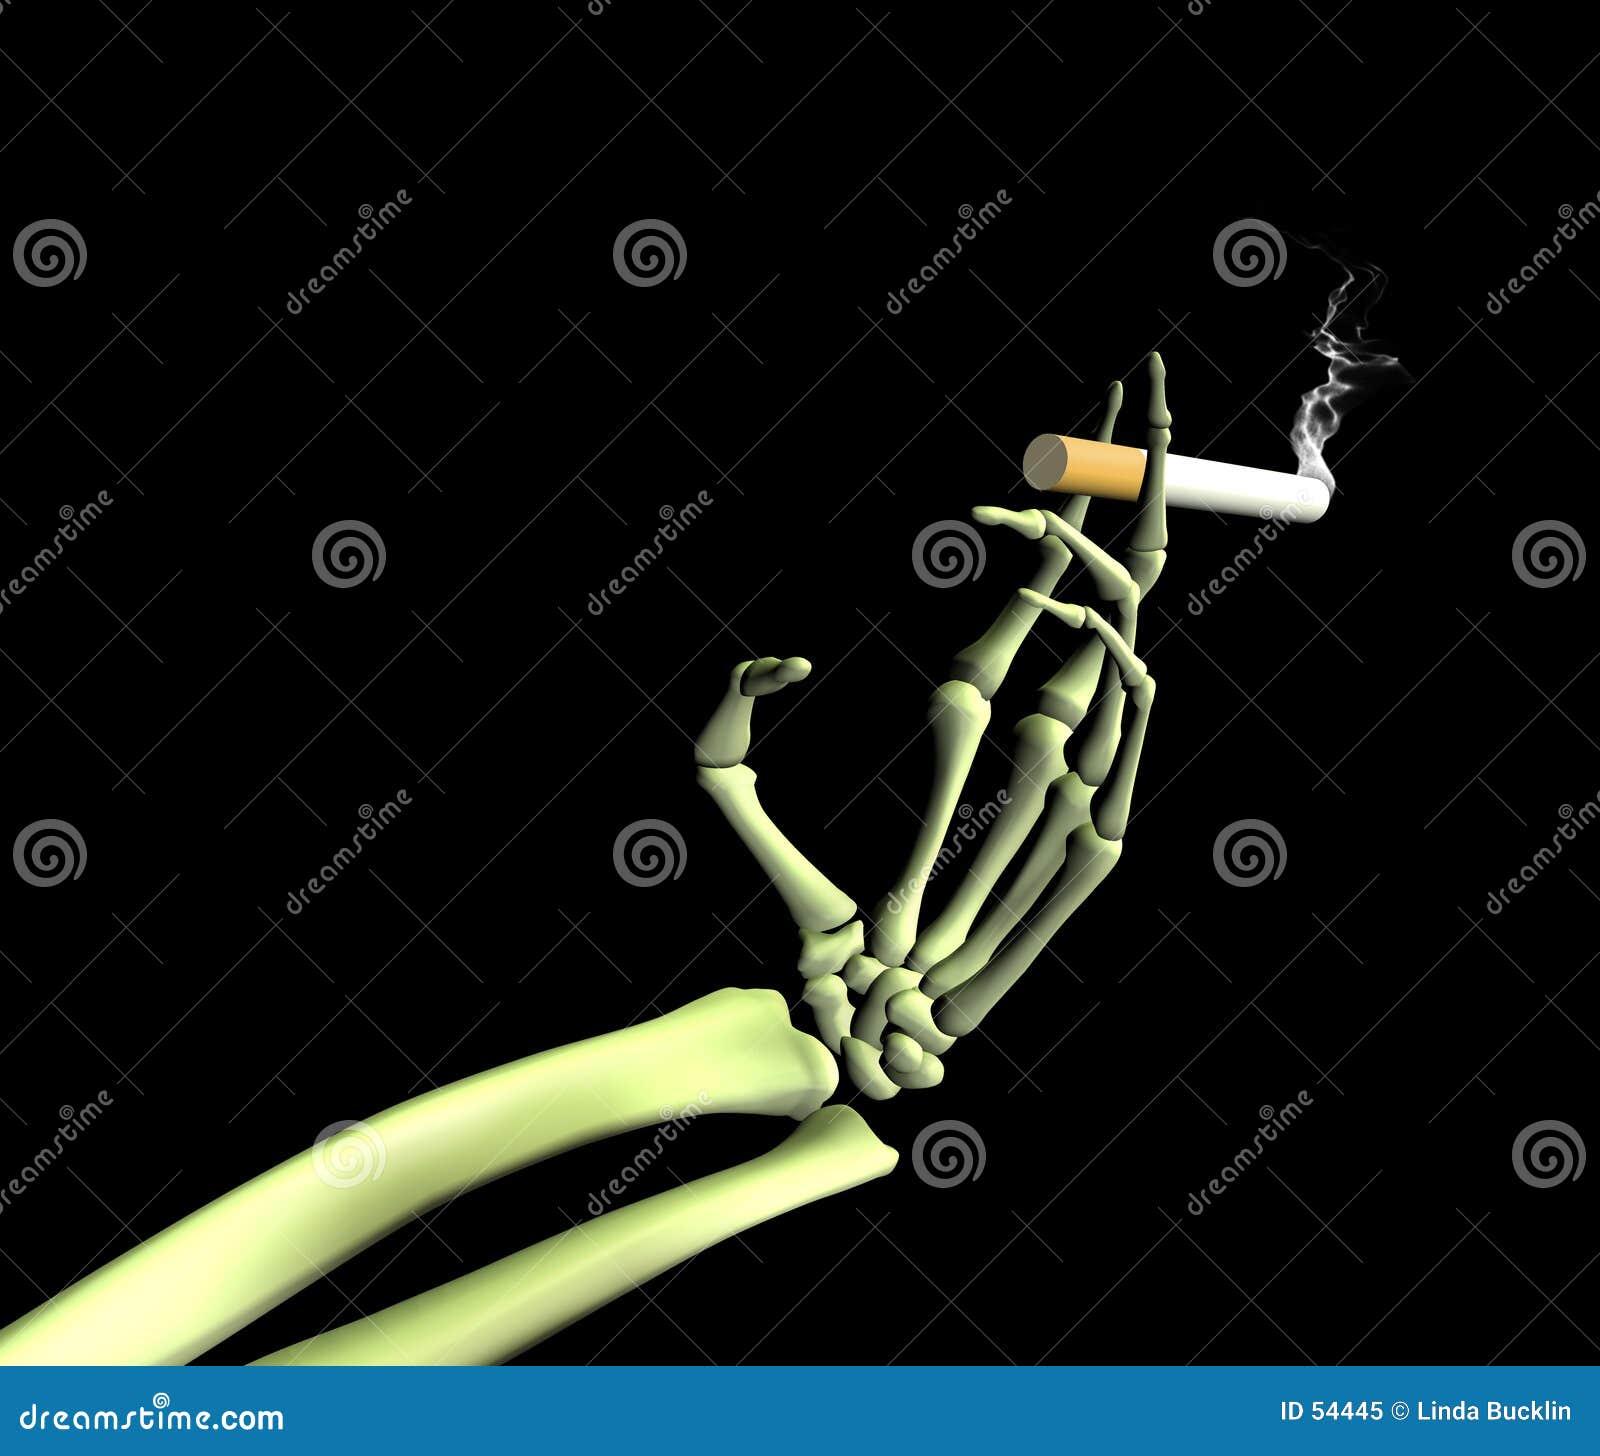 Rauchen Sie nicht